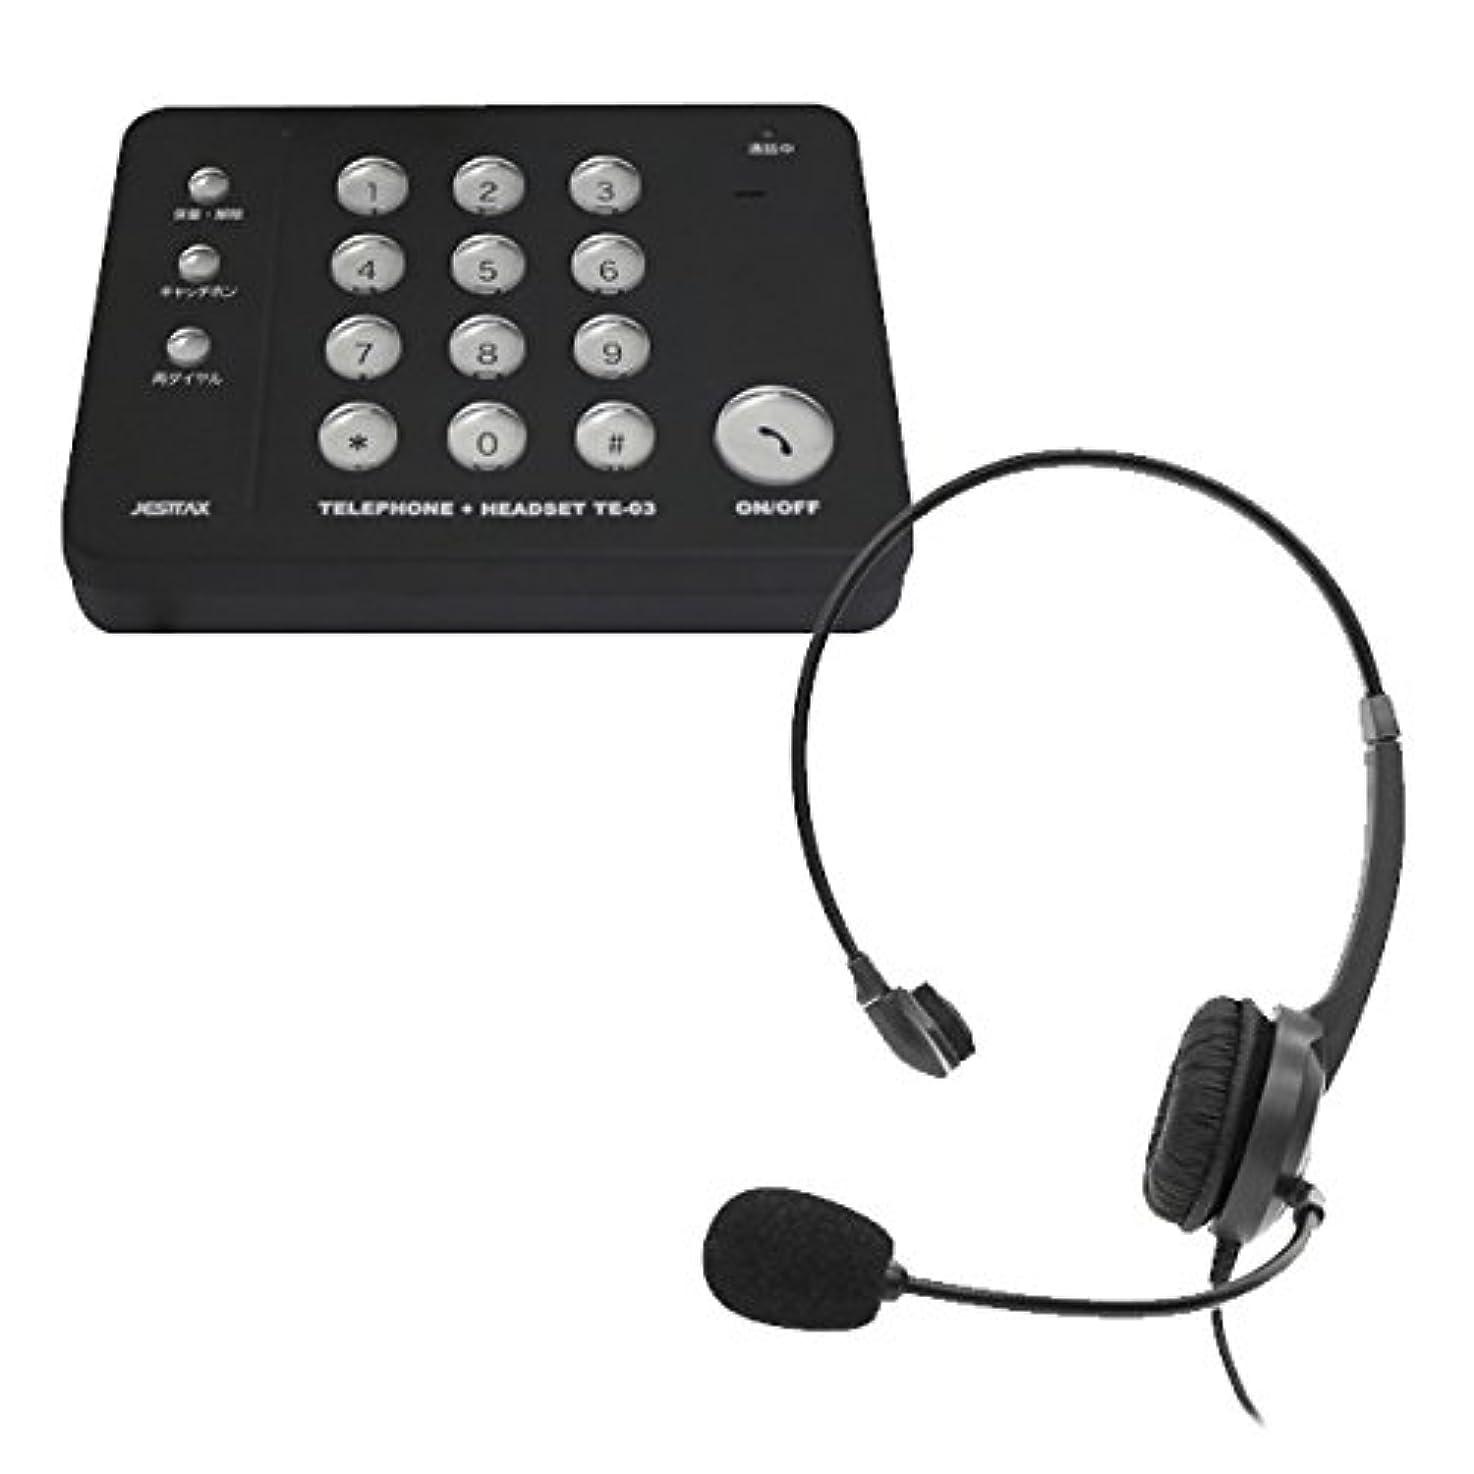 謝罪する電話に出るソフトウェアジェスタックス 家庭用フリーハンド テレホンヘッドセットJESTTAX てぶらでコールです3 TE-03